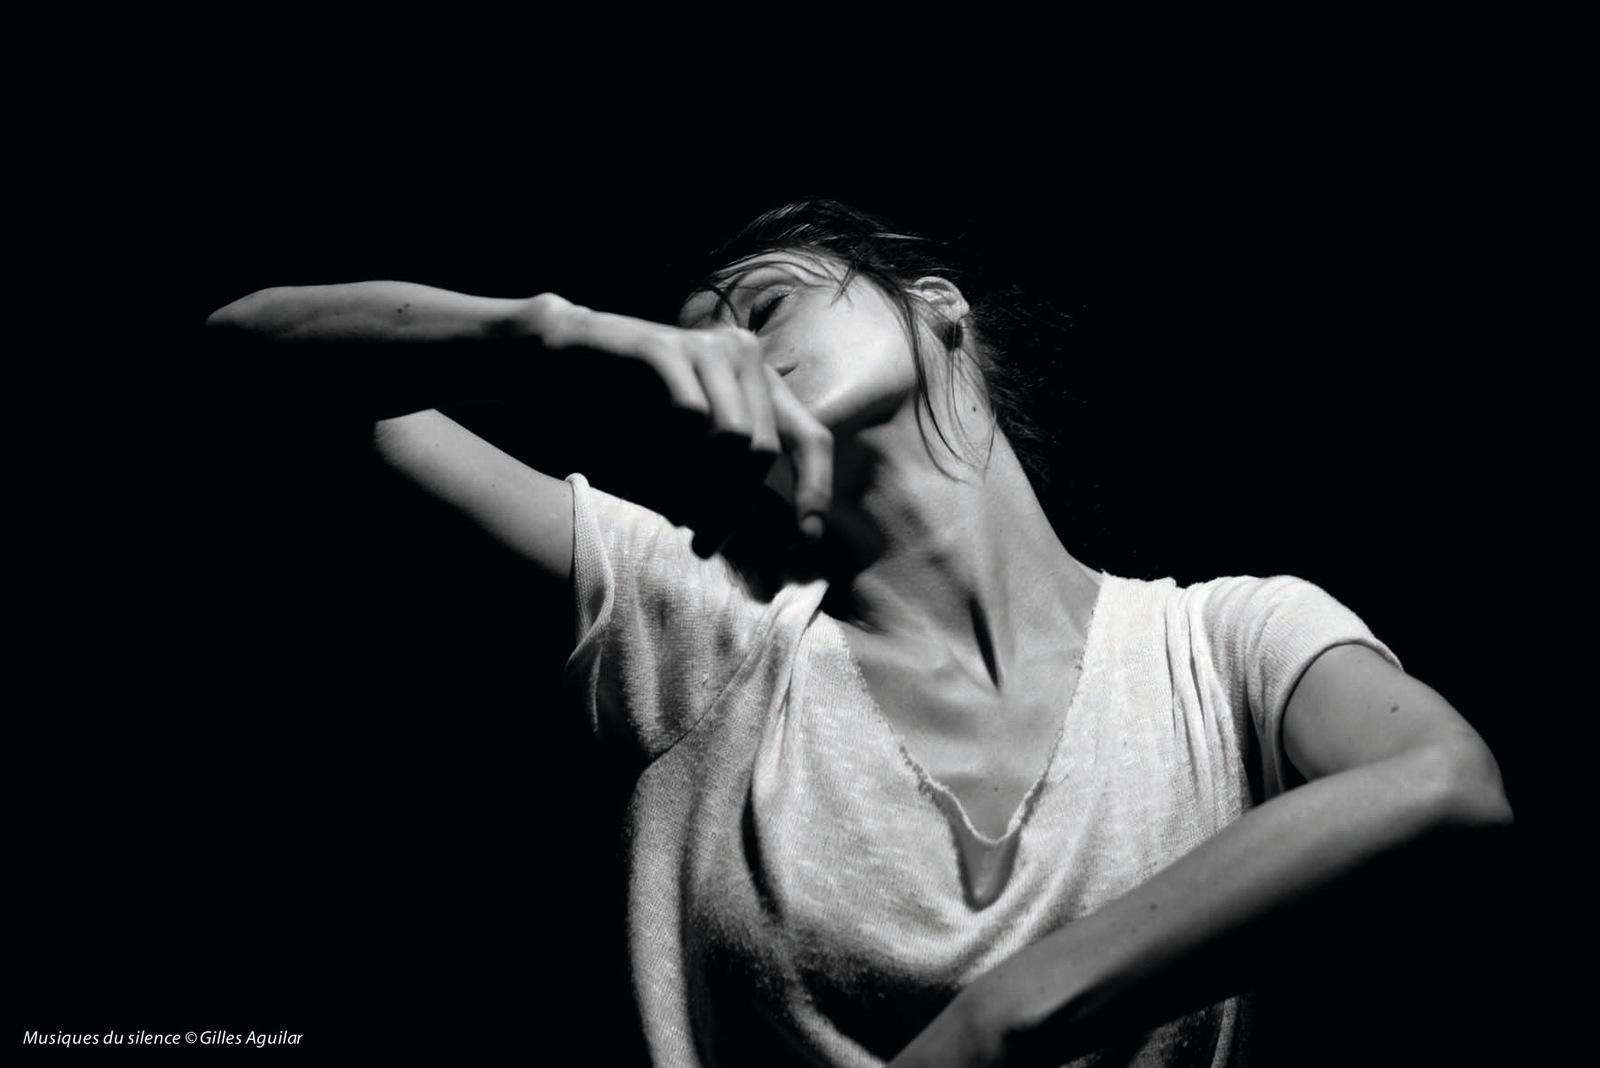 Musiques du silence © Gilles Aguilar